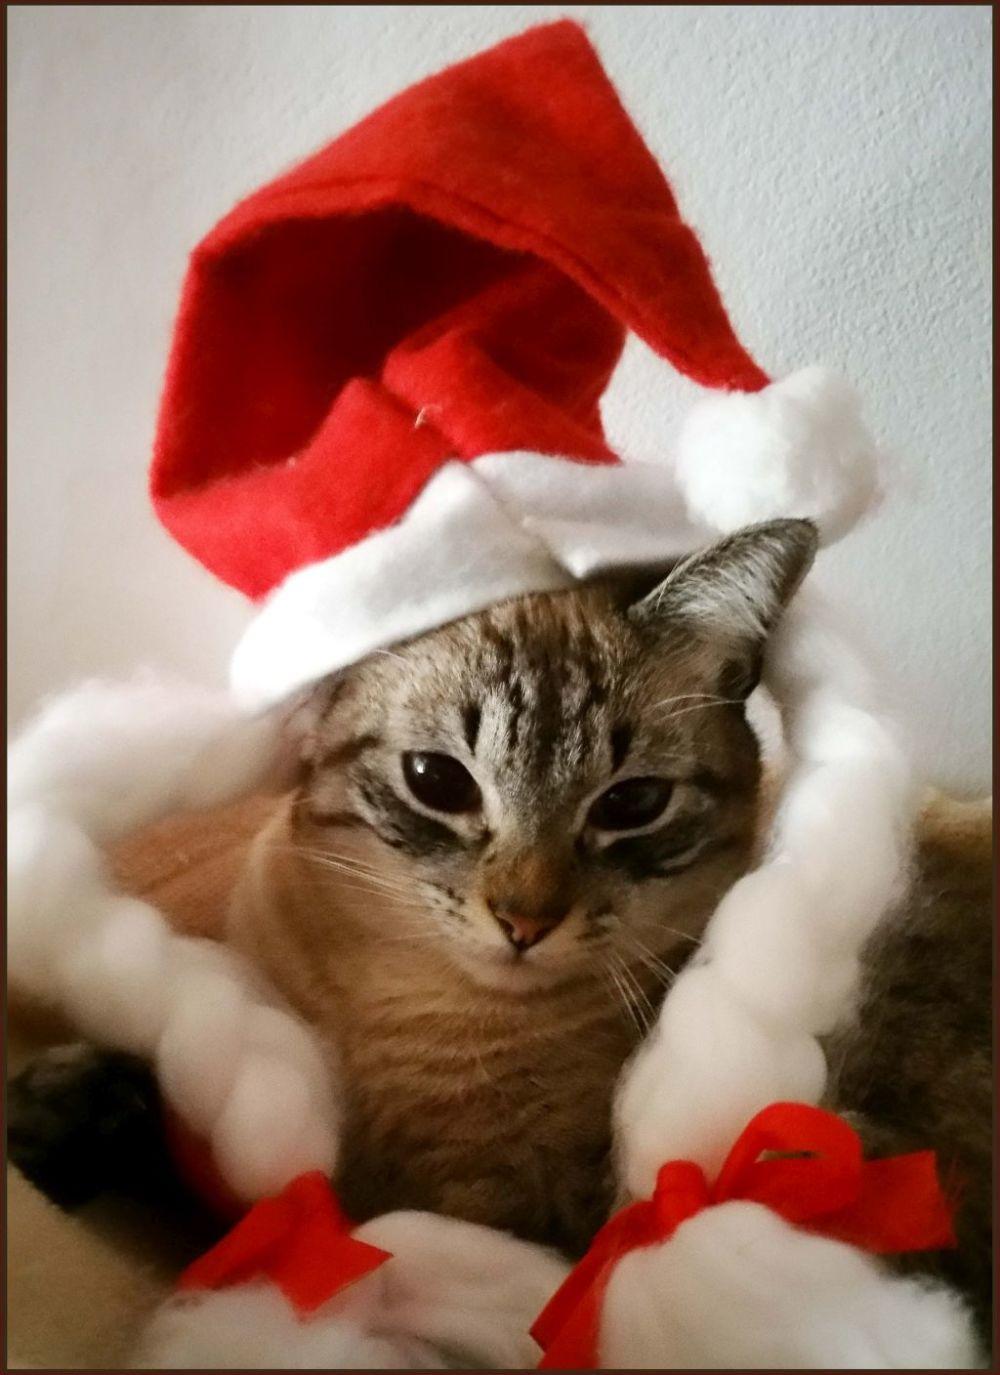 Merry Christmas V(=^・ω・^=)v